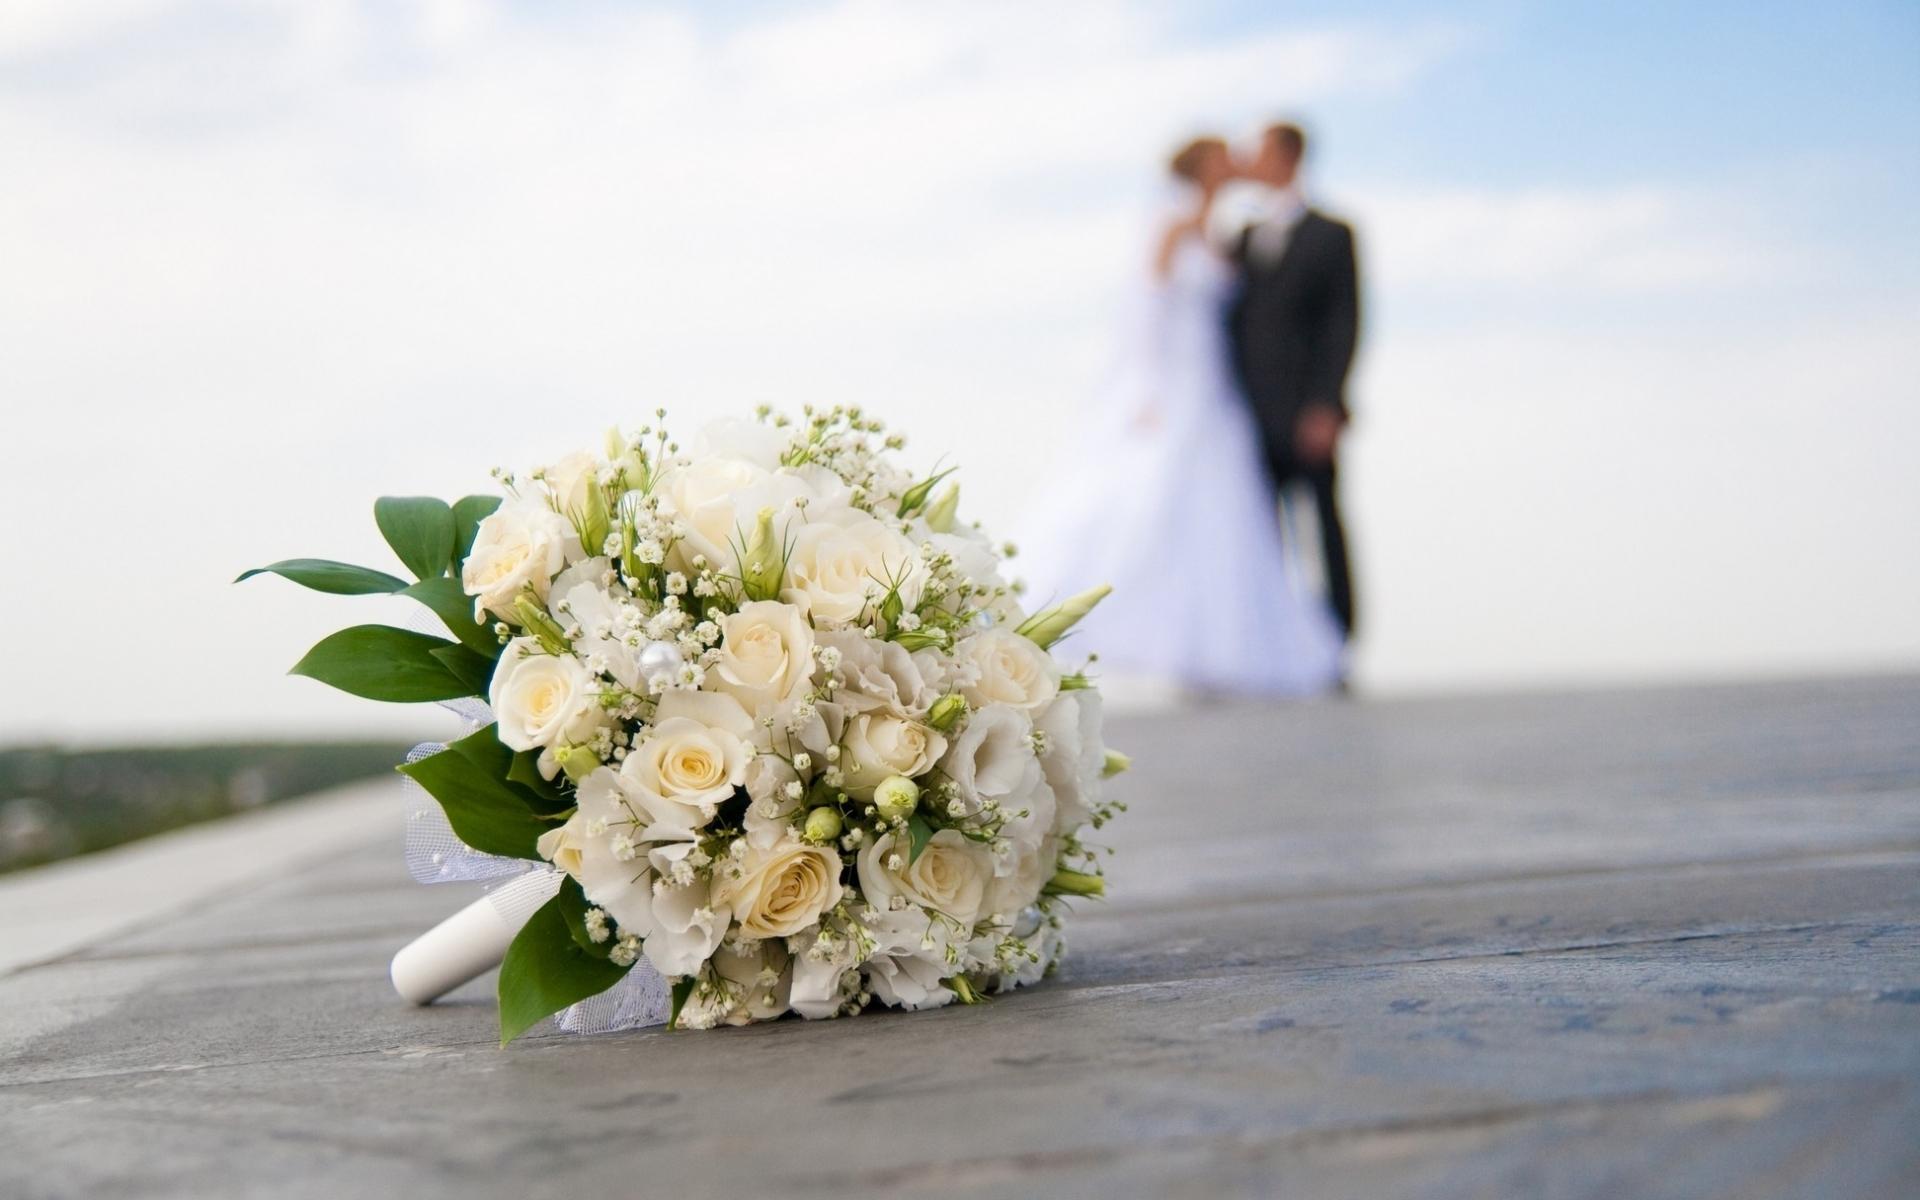 45244 скачать обои Праздники, Растения, Цветы, Свадьба - заставки и картинки бесплатно